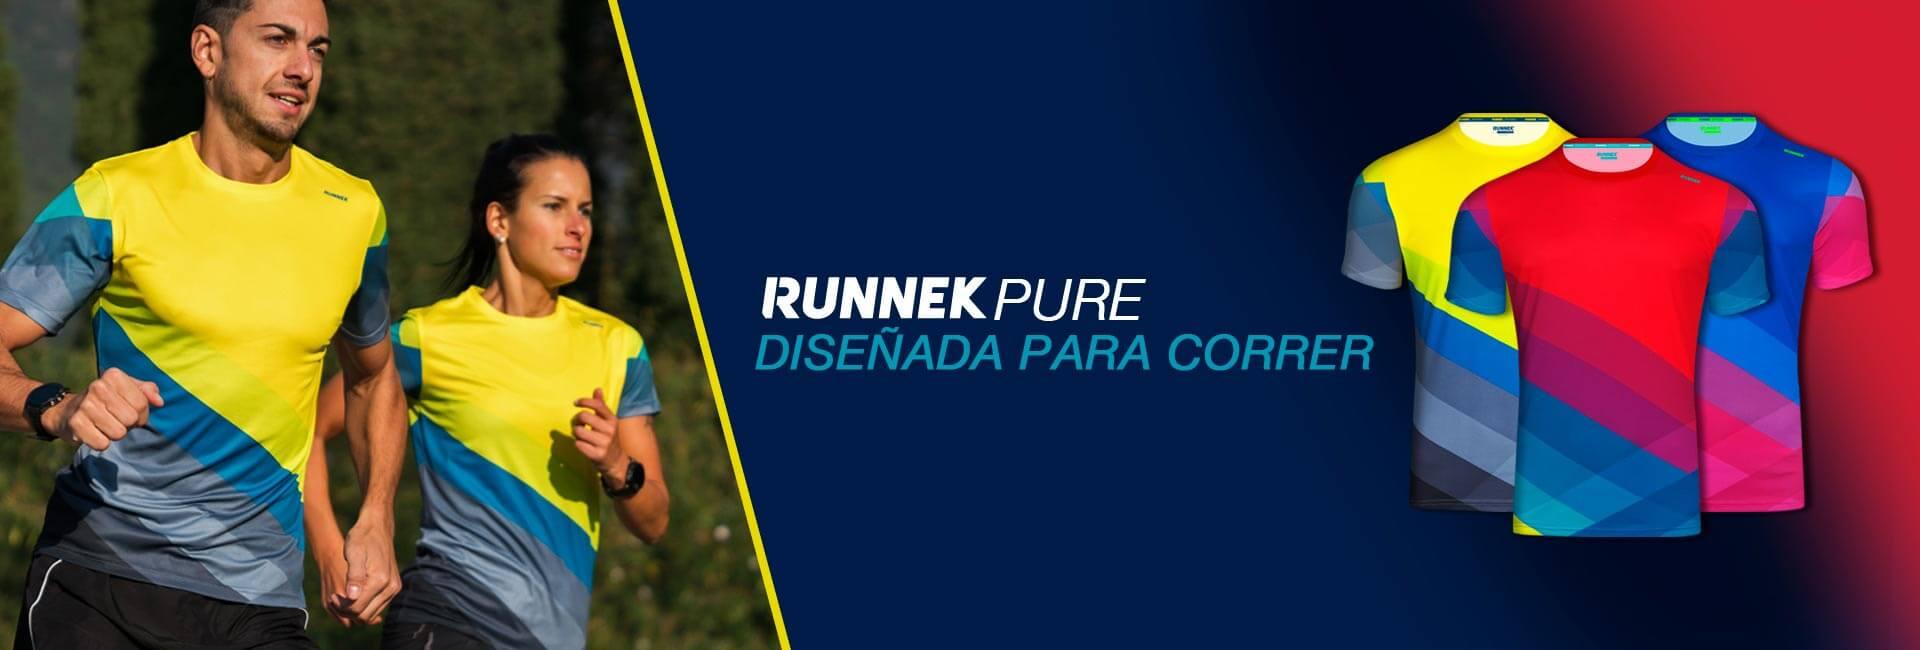 Runnek Pure model